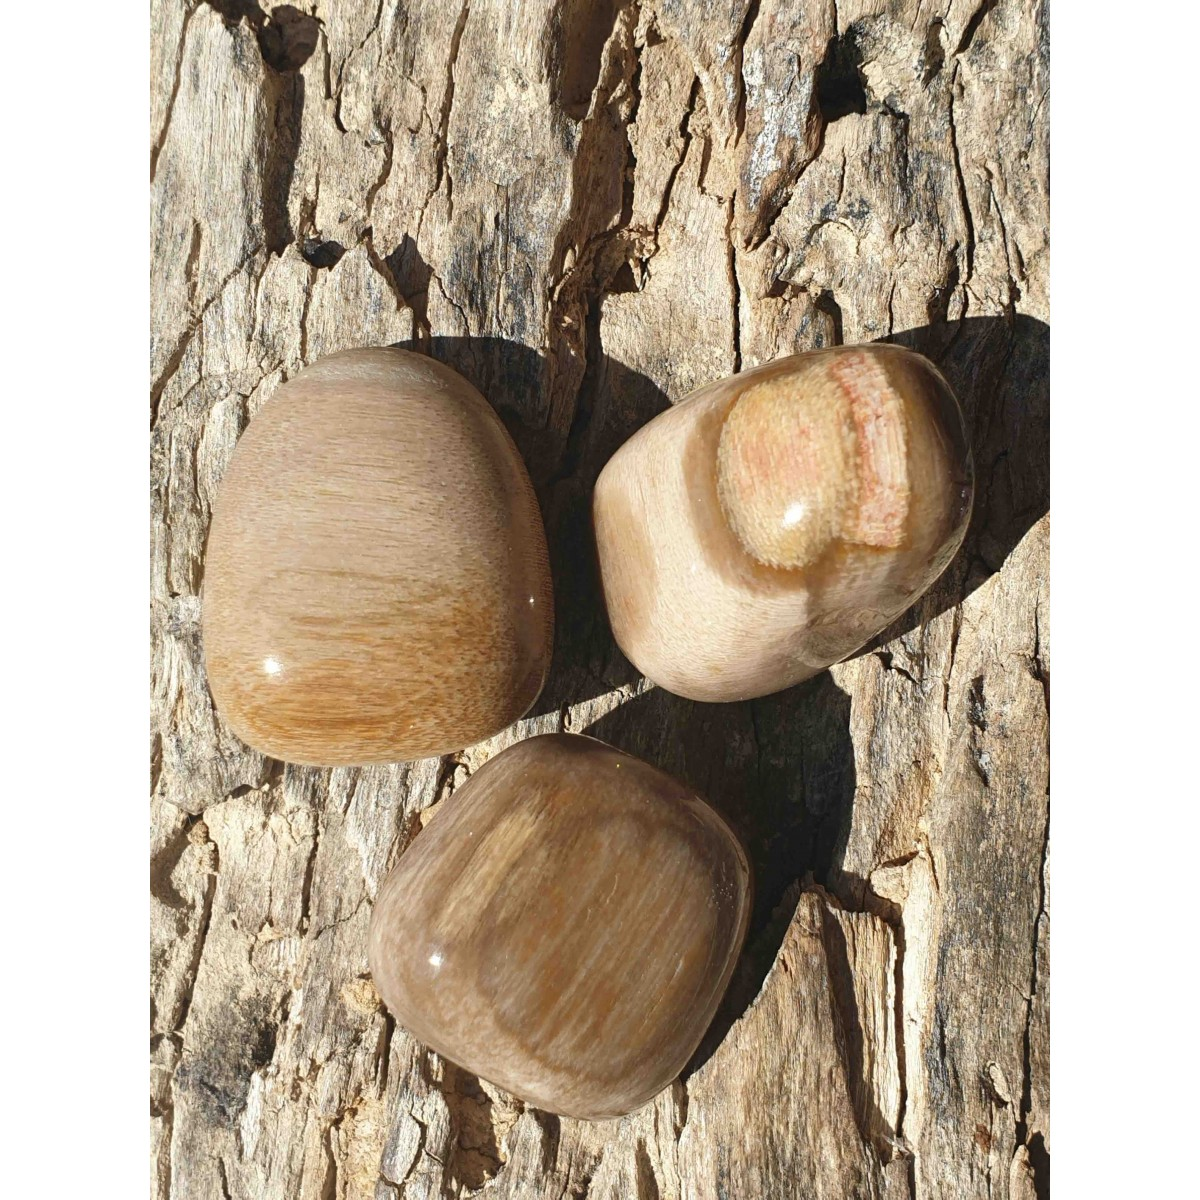 Bois fossile (pierre roulée)